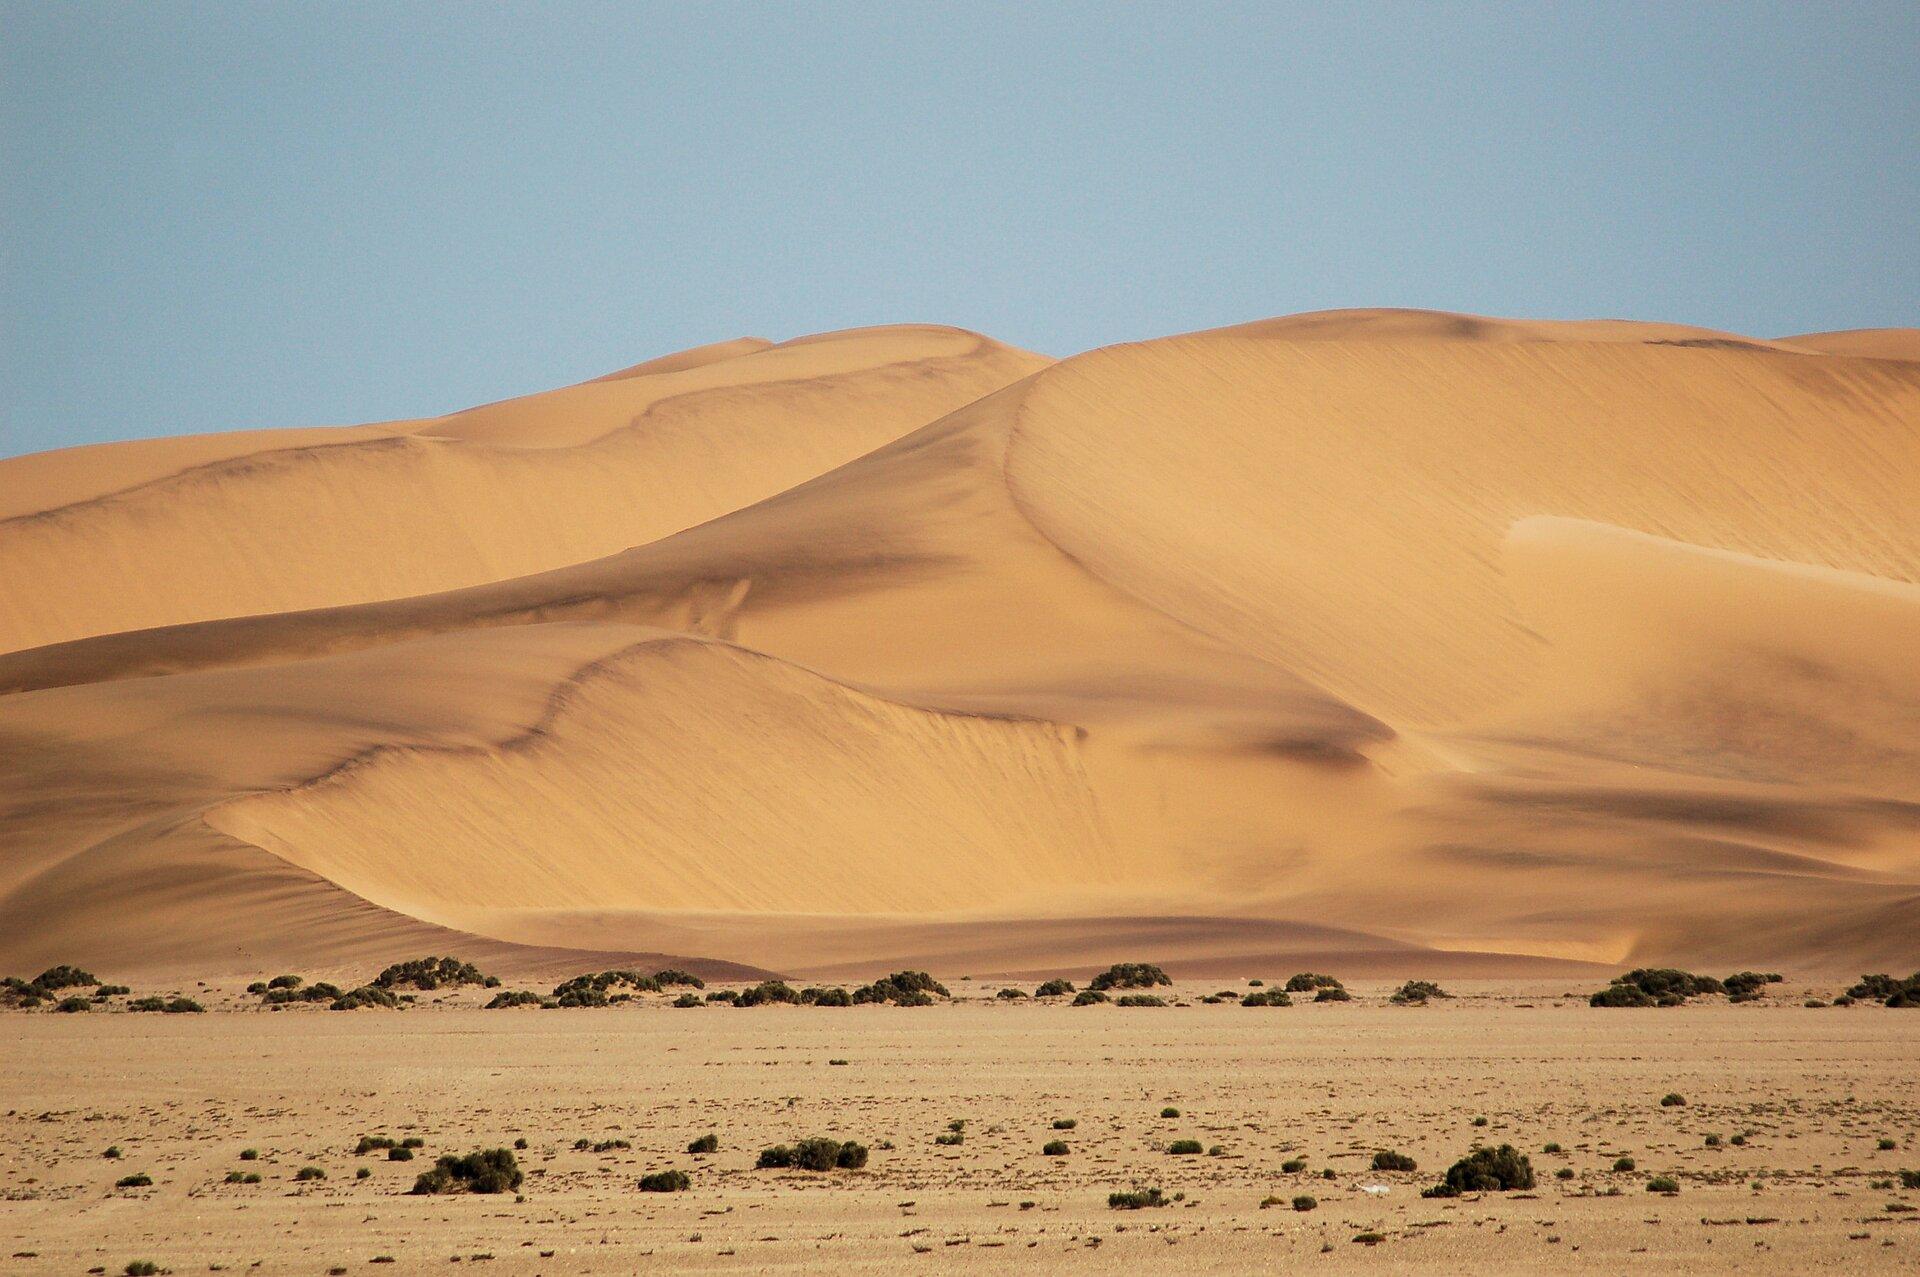 Zdjęcie wydm. Na pierwszym planie teren płaski. Na drugim planie olbrzymie wydmy – barchany.